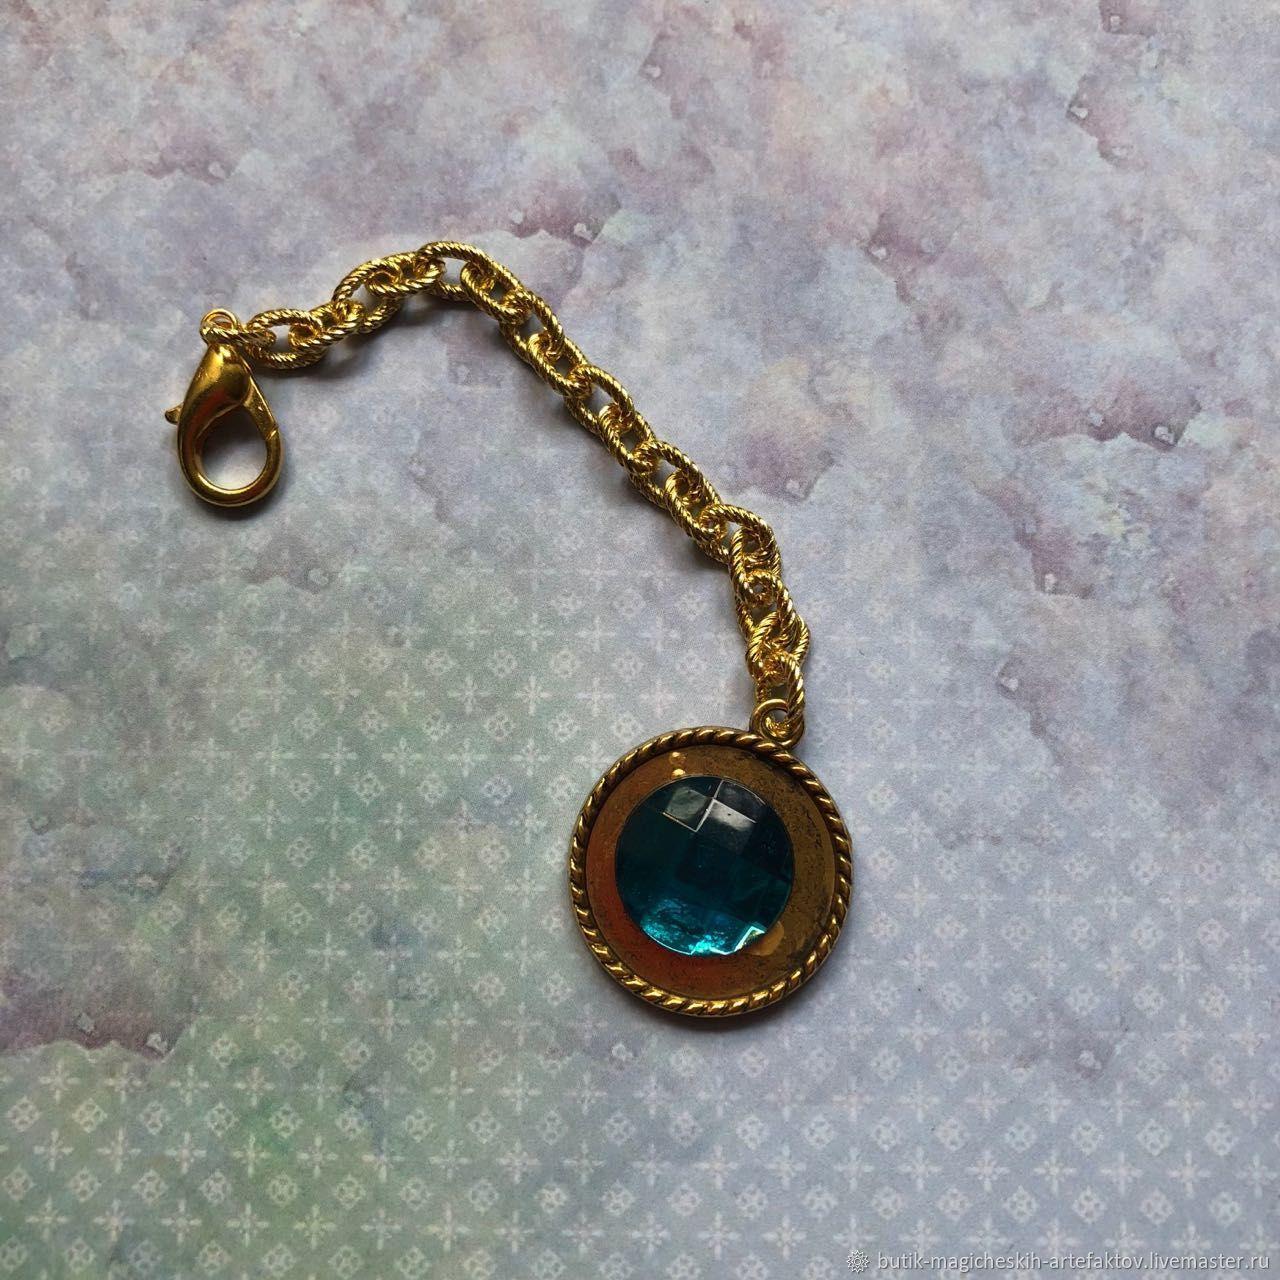 носки картинка талисман златоуст сестренки ласковой, любимой